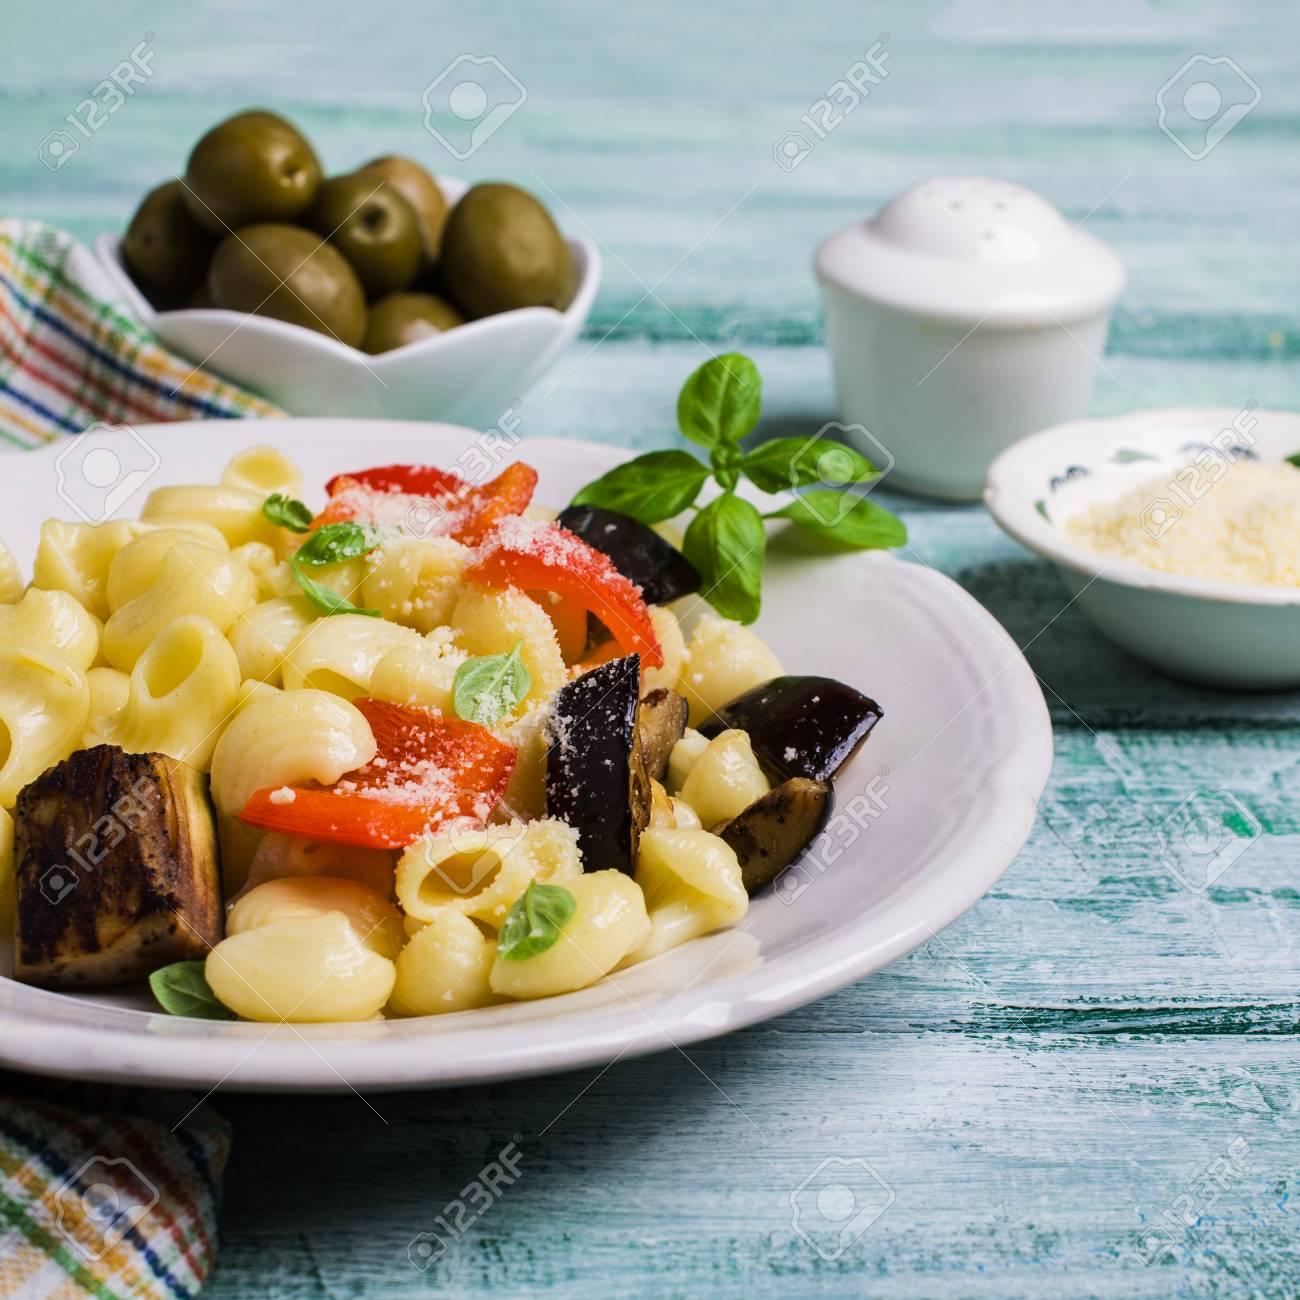 Traditionelle Italienische Pasta Mit Gemüse Und Käse In Einer